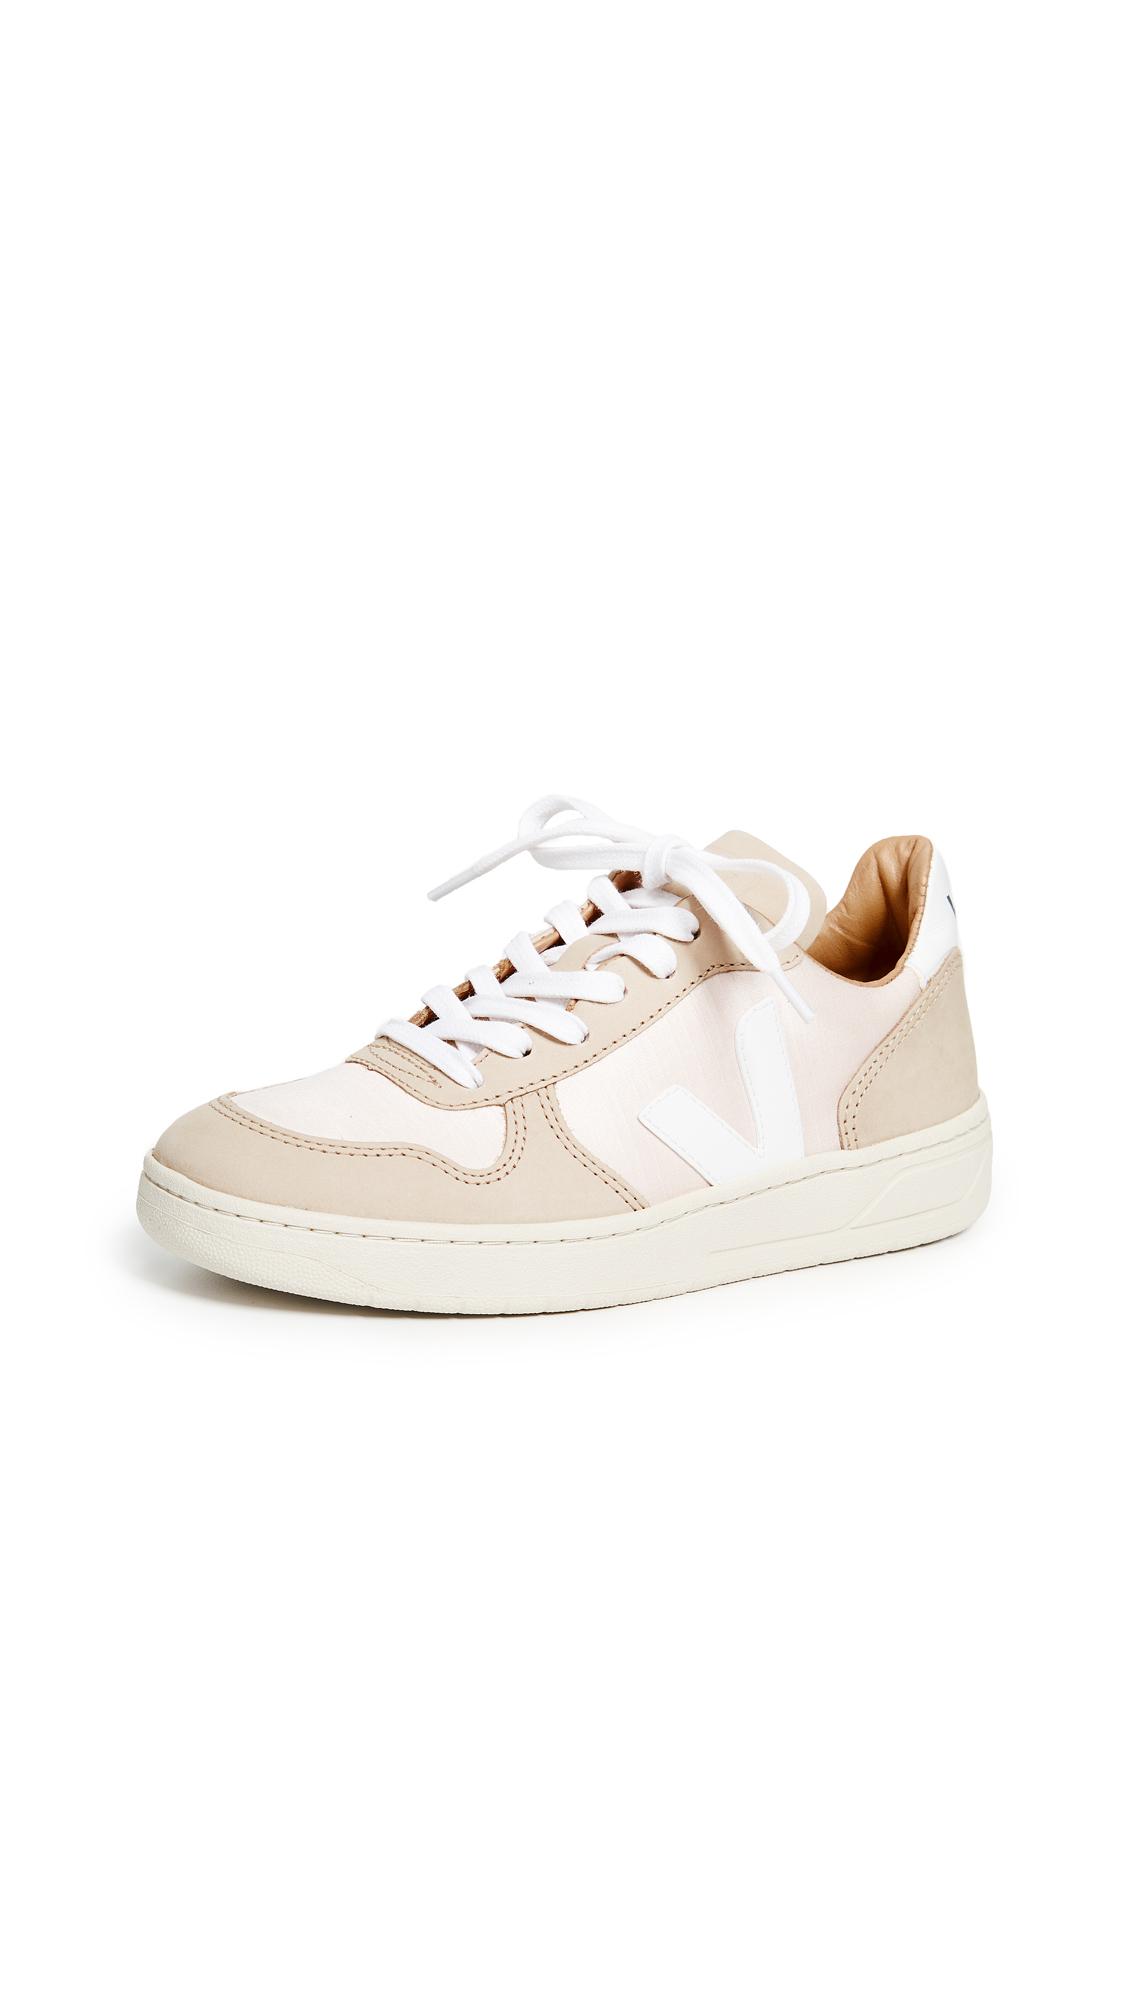 Veja V-10 Bastille Sneakers - Quartz/Almond/White